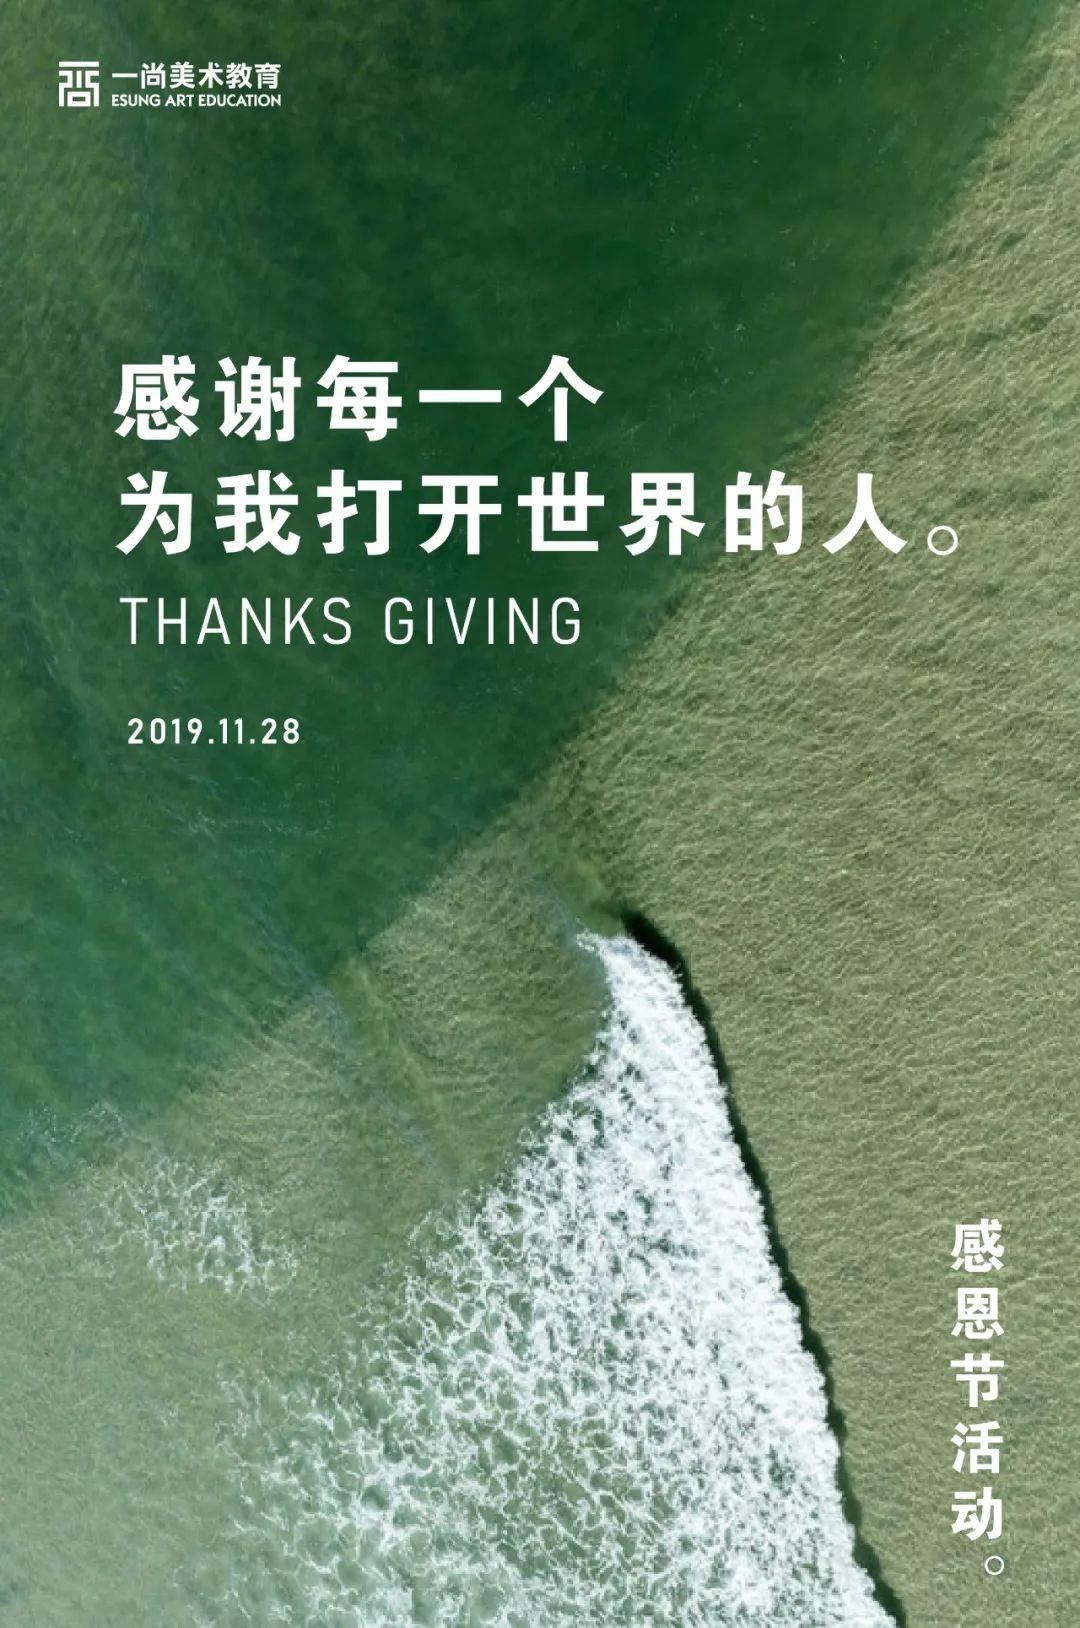 感谢每一个为我打开世界的人|广州度岸画室,广州画室,广州美术培训    01